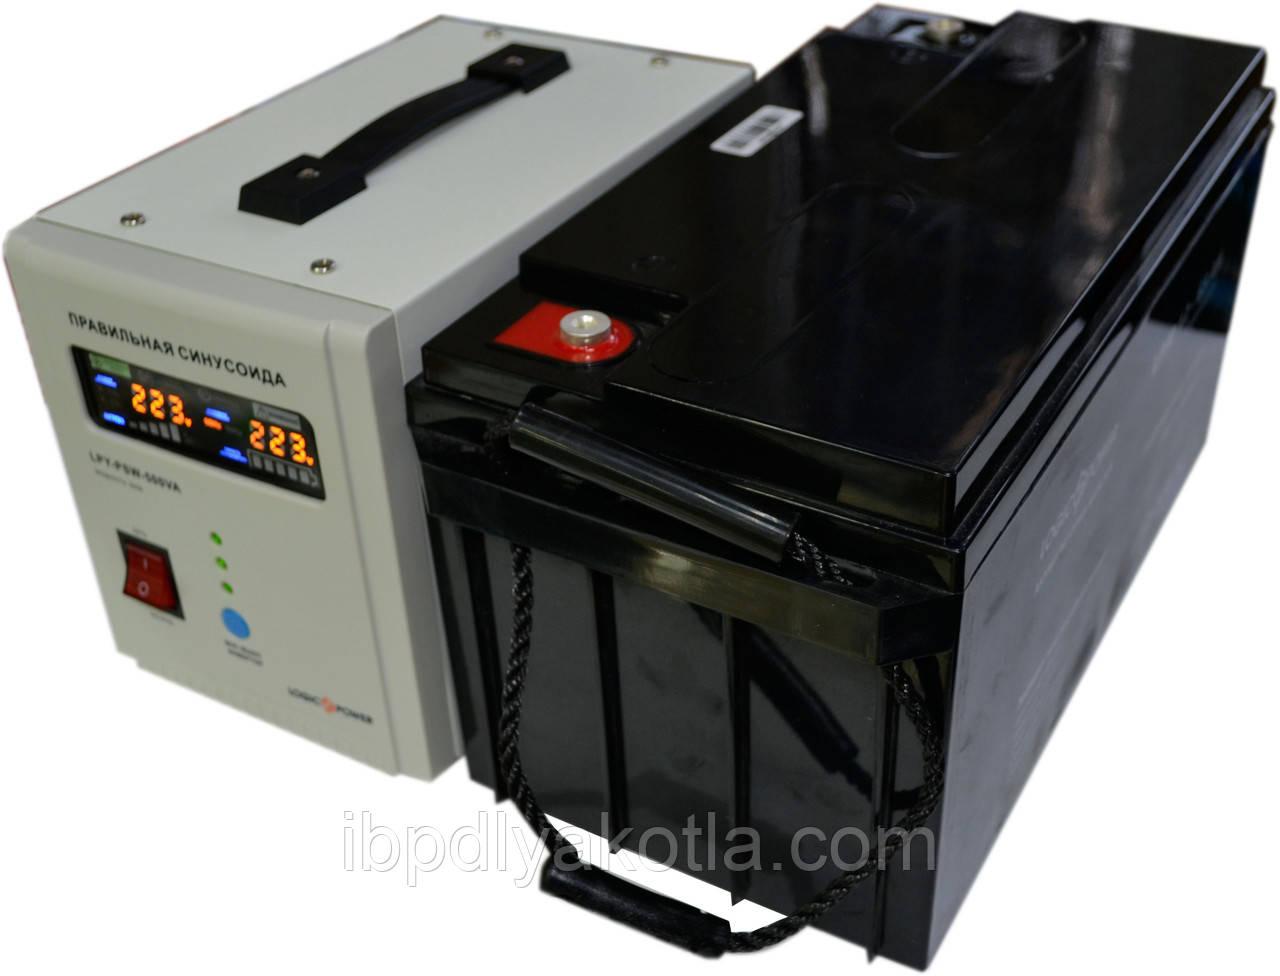 Комплект резервного питания ИБП Logicpower LPY-PSW-500 + АКБ LPM12-65 для 5-7ч работы газового котла